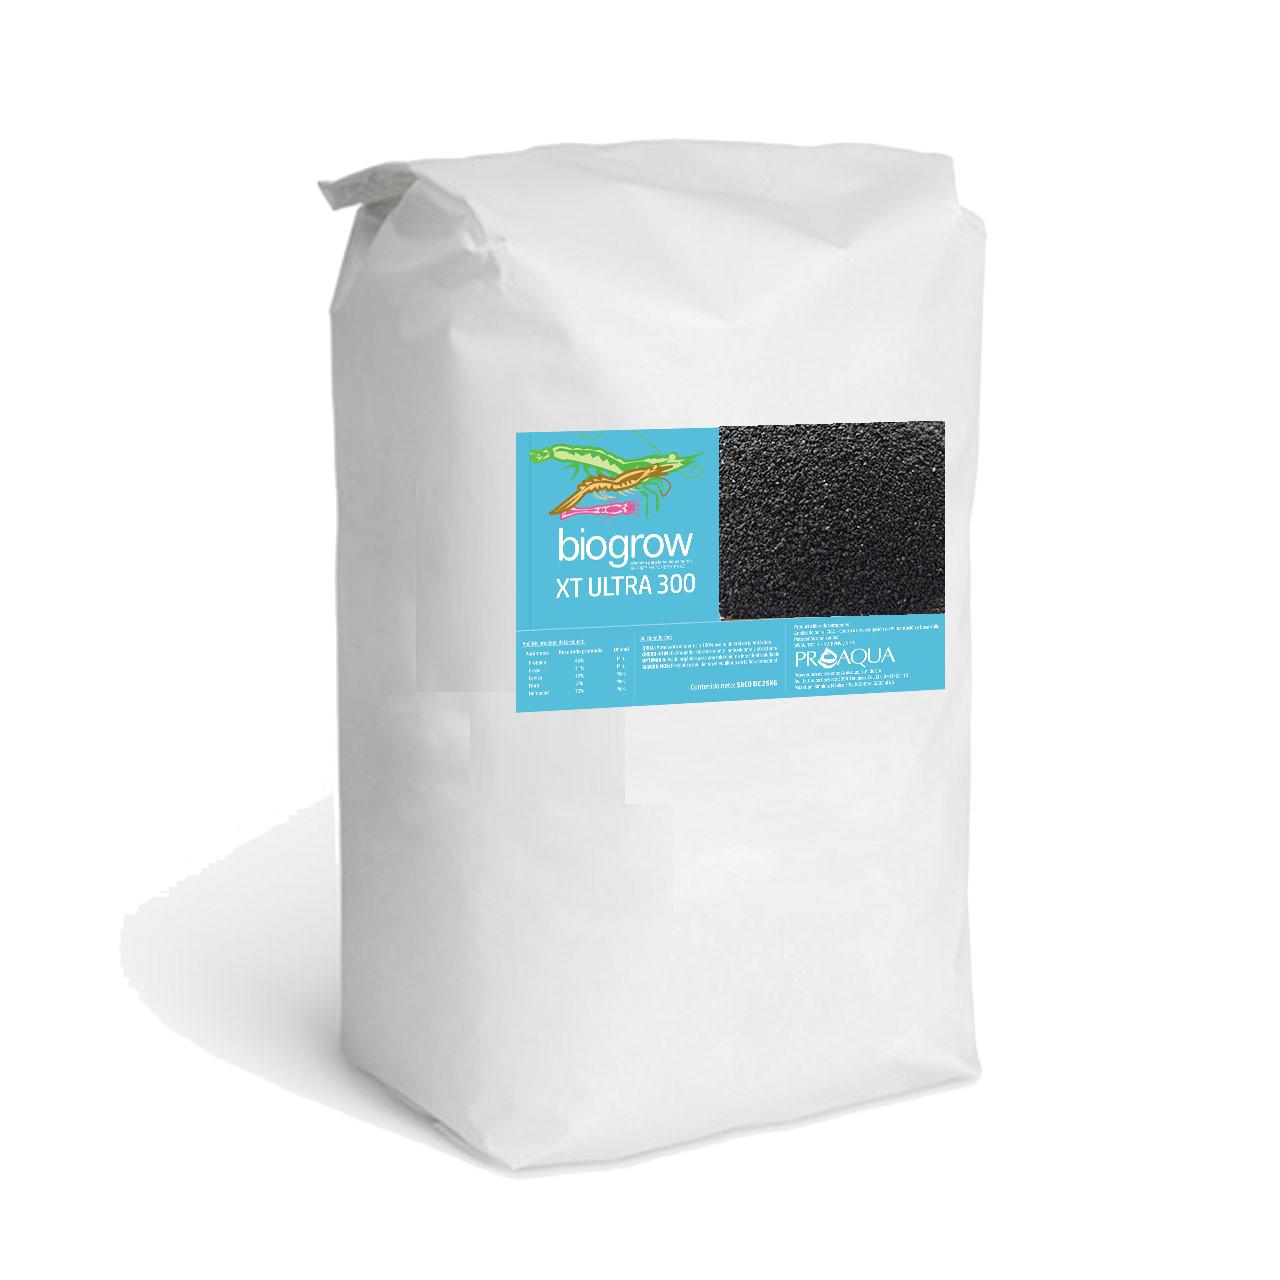 Alimento para camarón Biogrow XT ultra adicionado con: QRILL, OREGO-STIM, OPTIMAX A y GLUCAN MOS